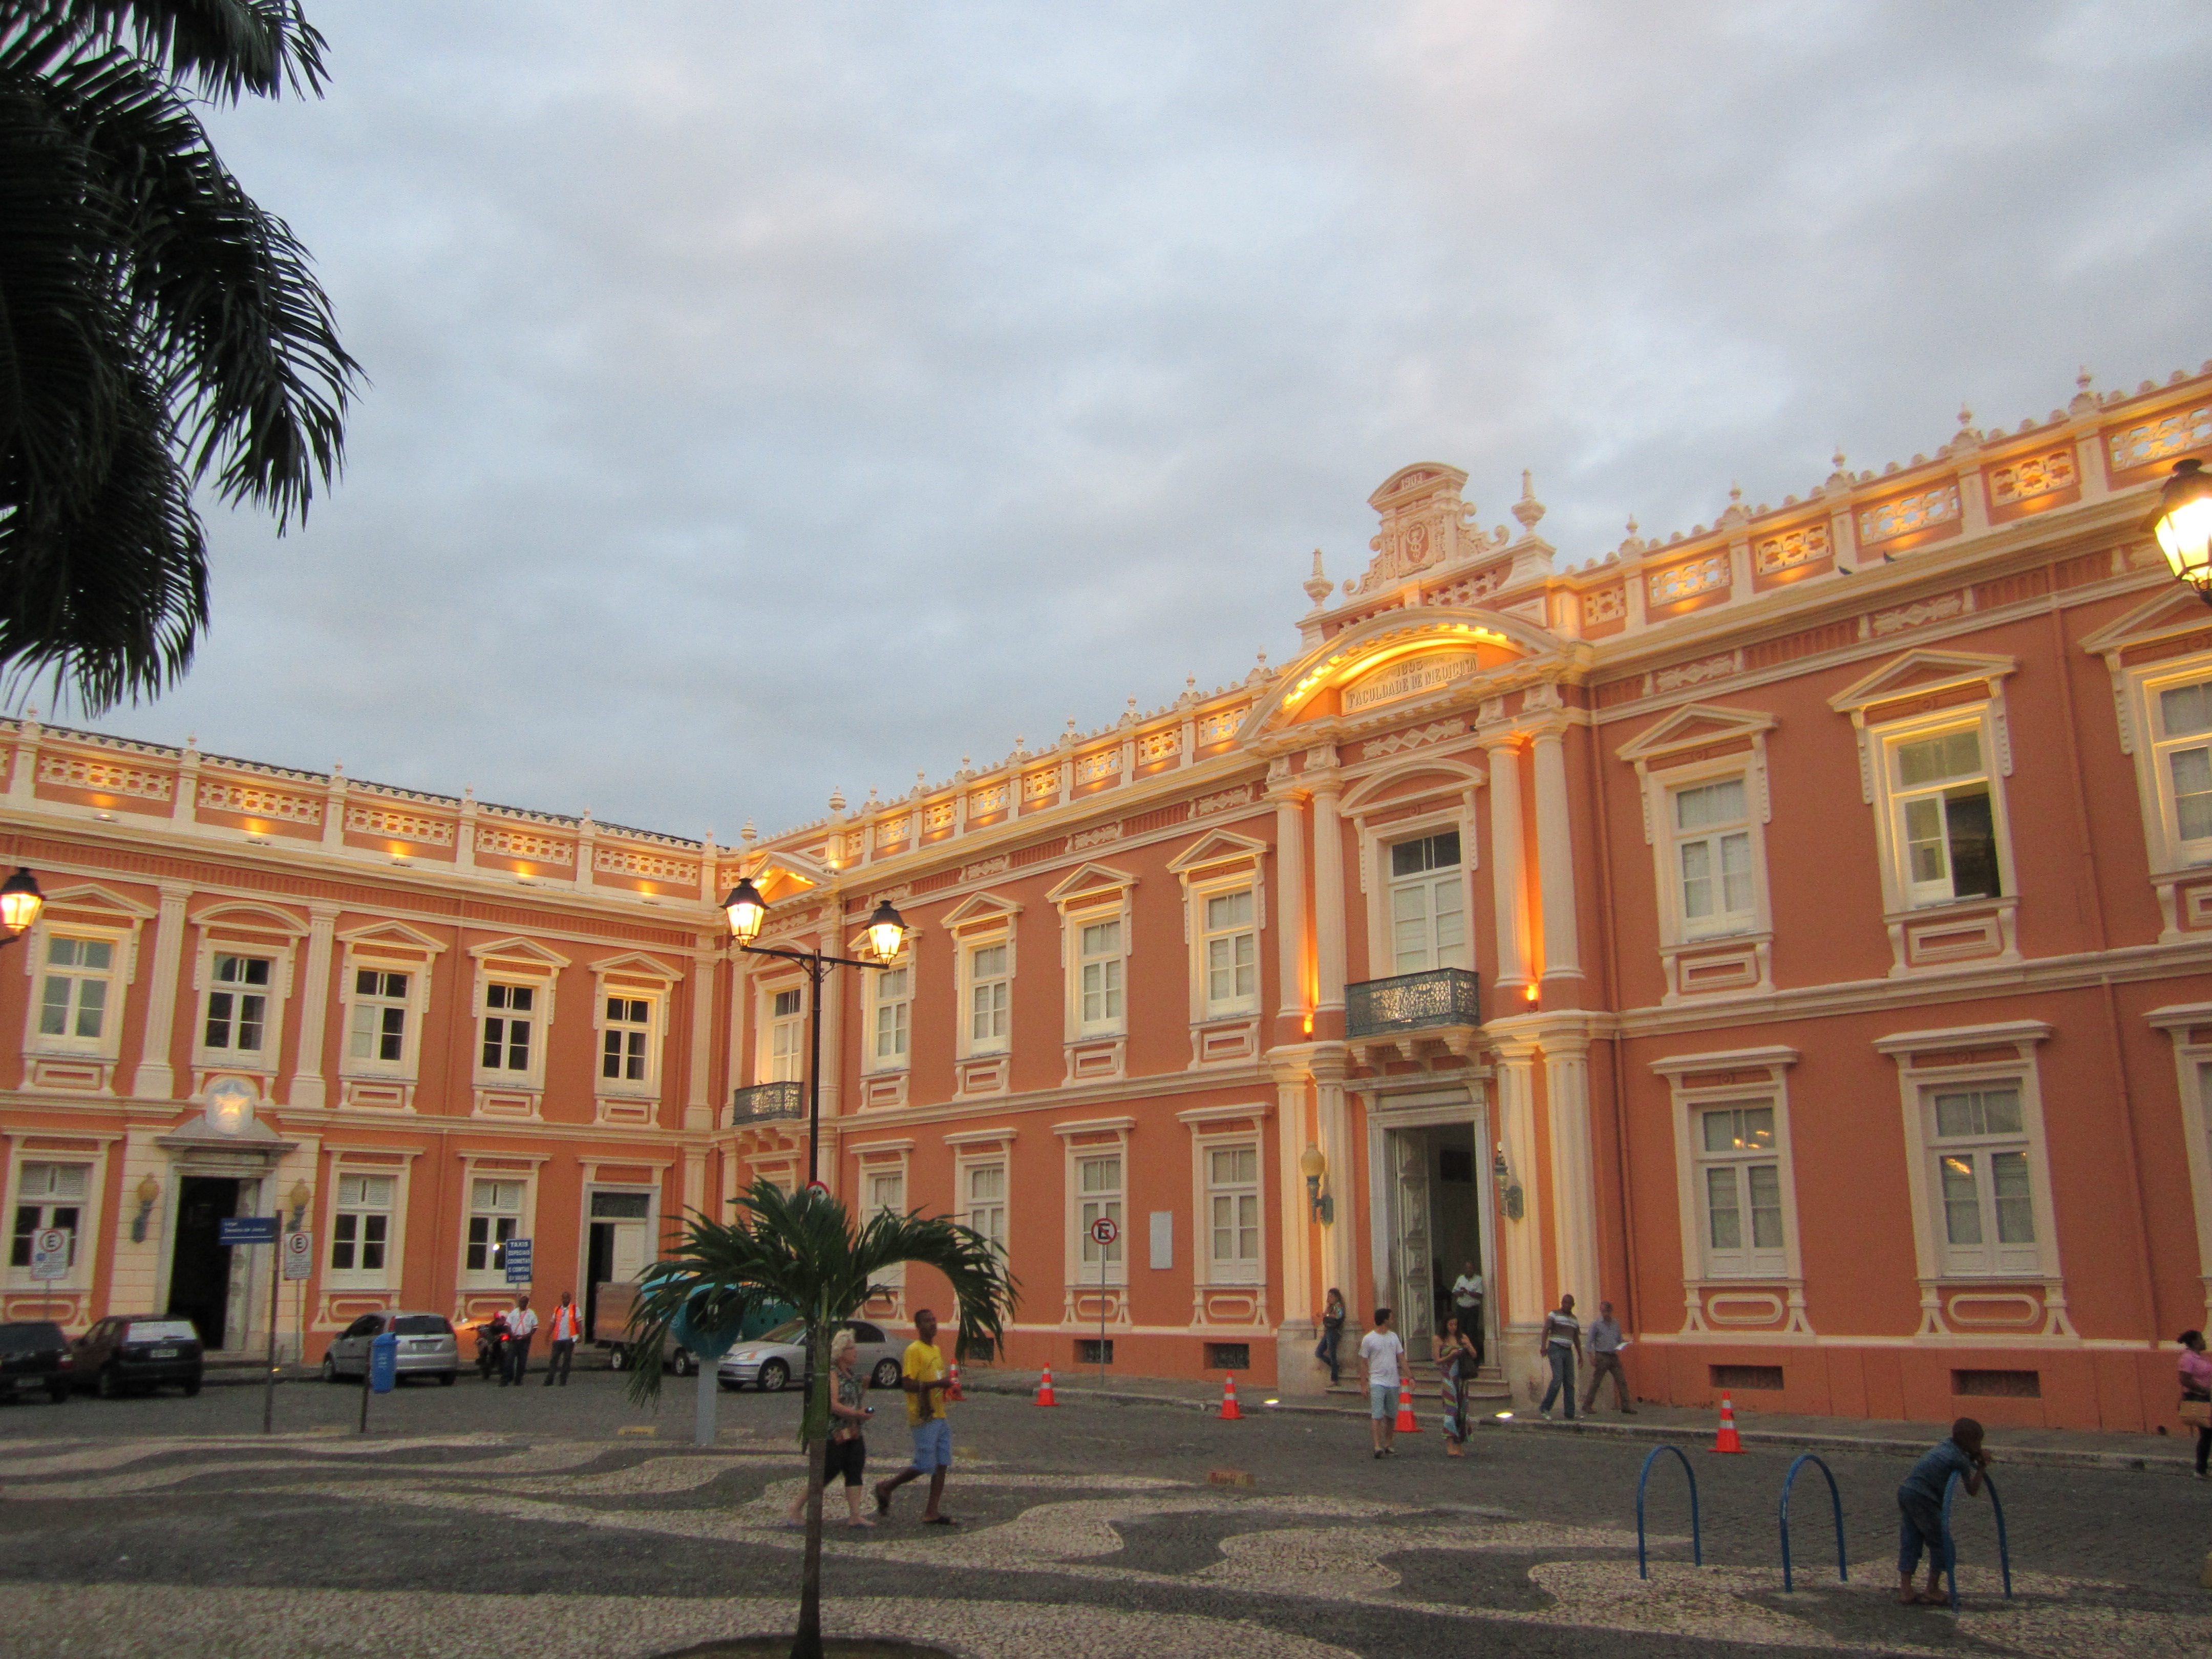 Veja o que saiu no Migalhas sobre Faculdade de Medicina da Bahia da Universidade Federal da Bahia